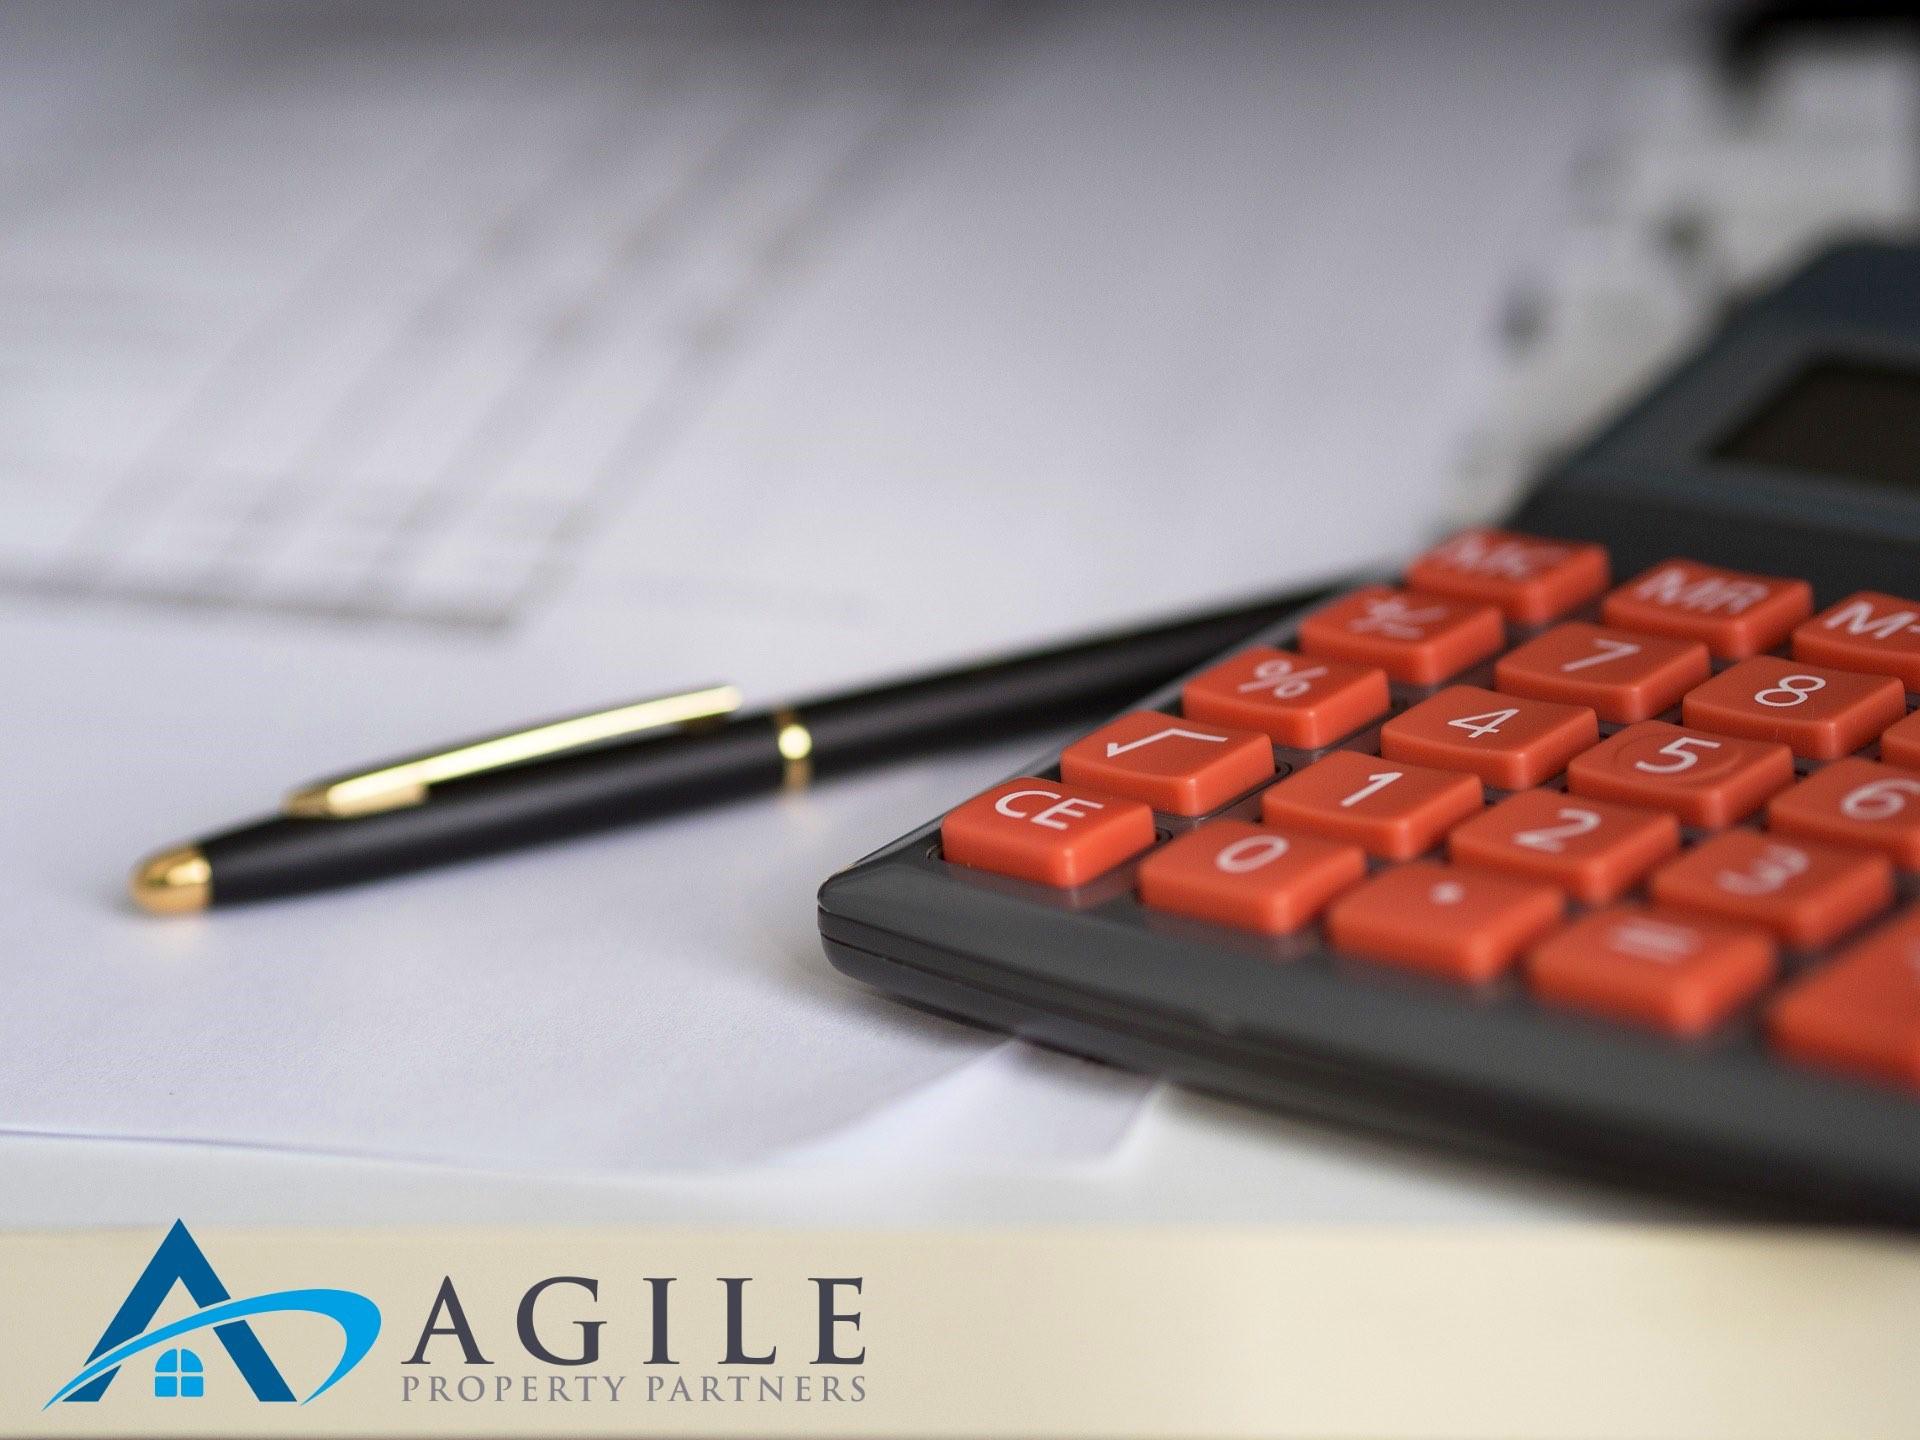 Aglie blog pic keyboard